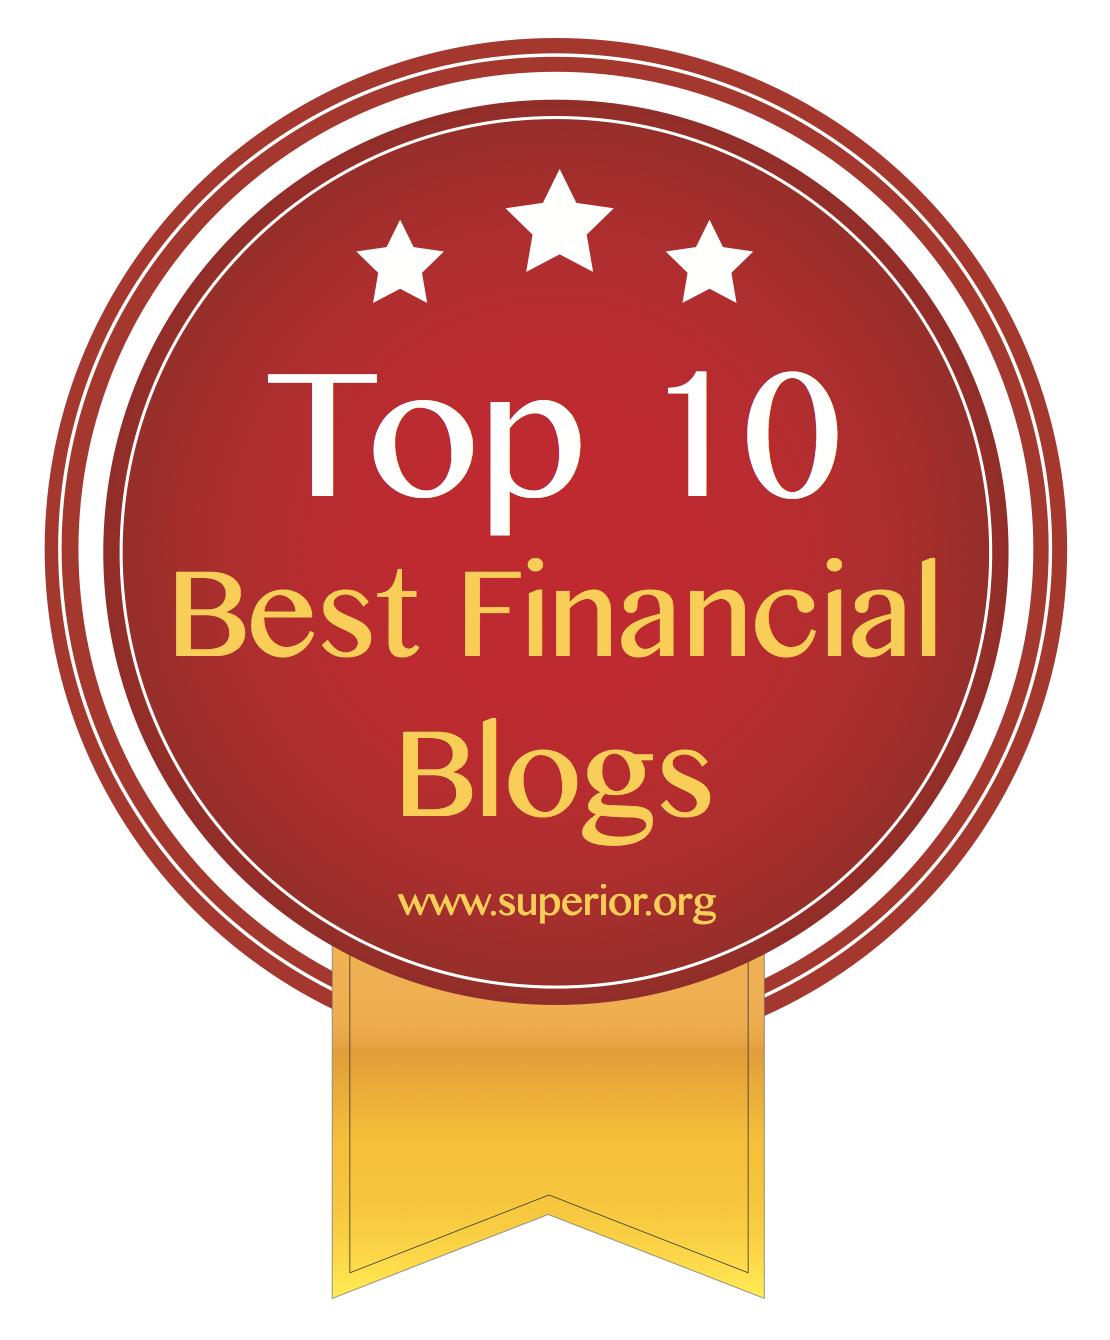 Top 10 Best Financial Blogs